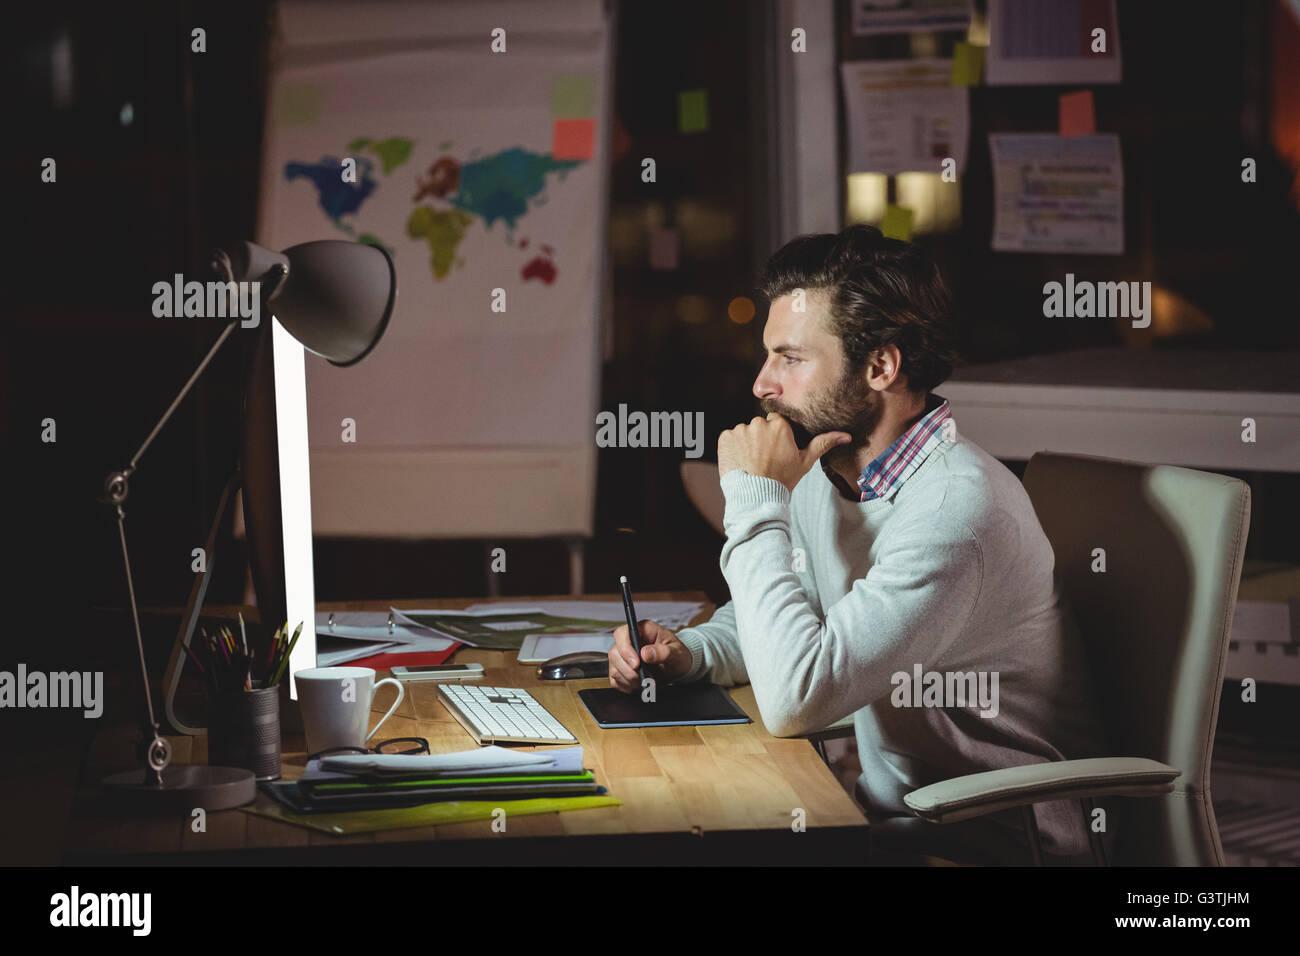 Uomo concentrato sulla parte anteriore del computer Immagini Stock